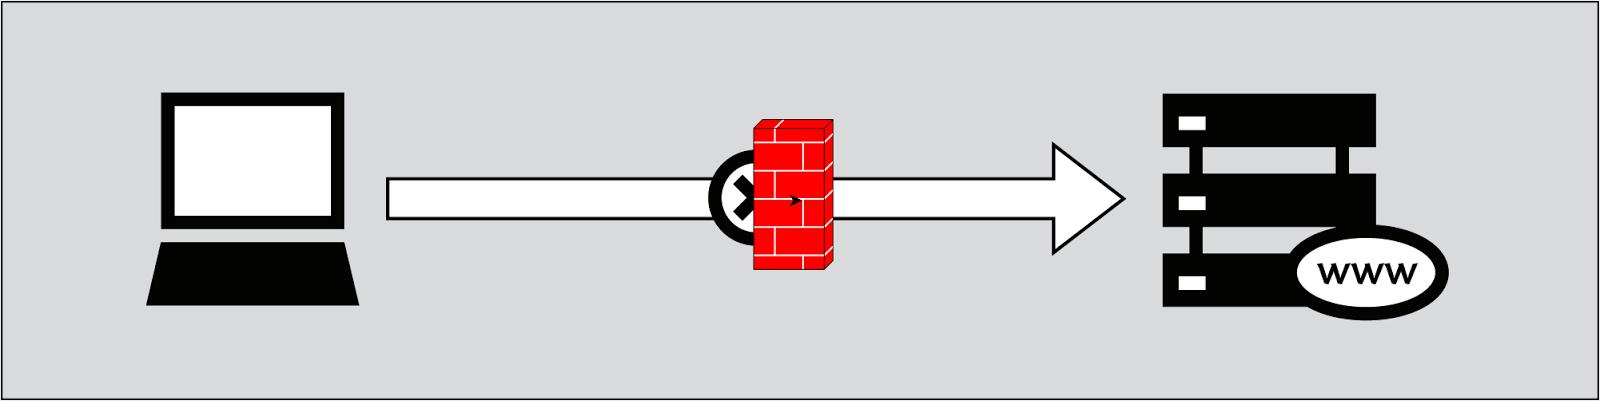 break mobile internet proxy